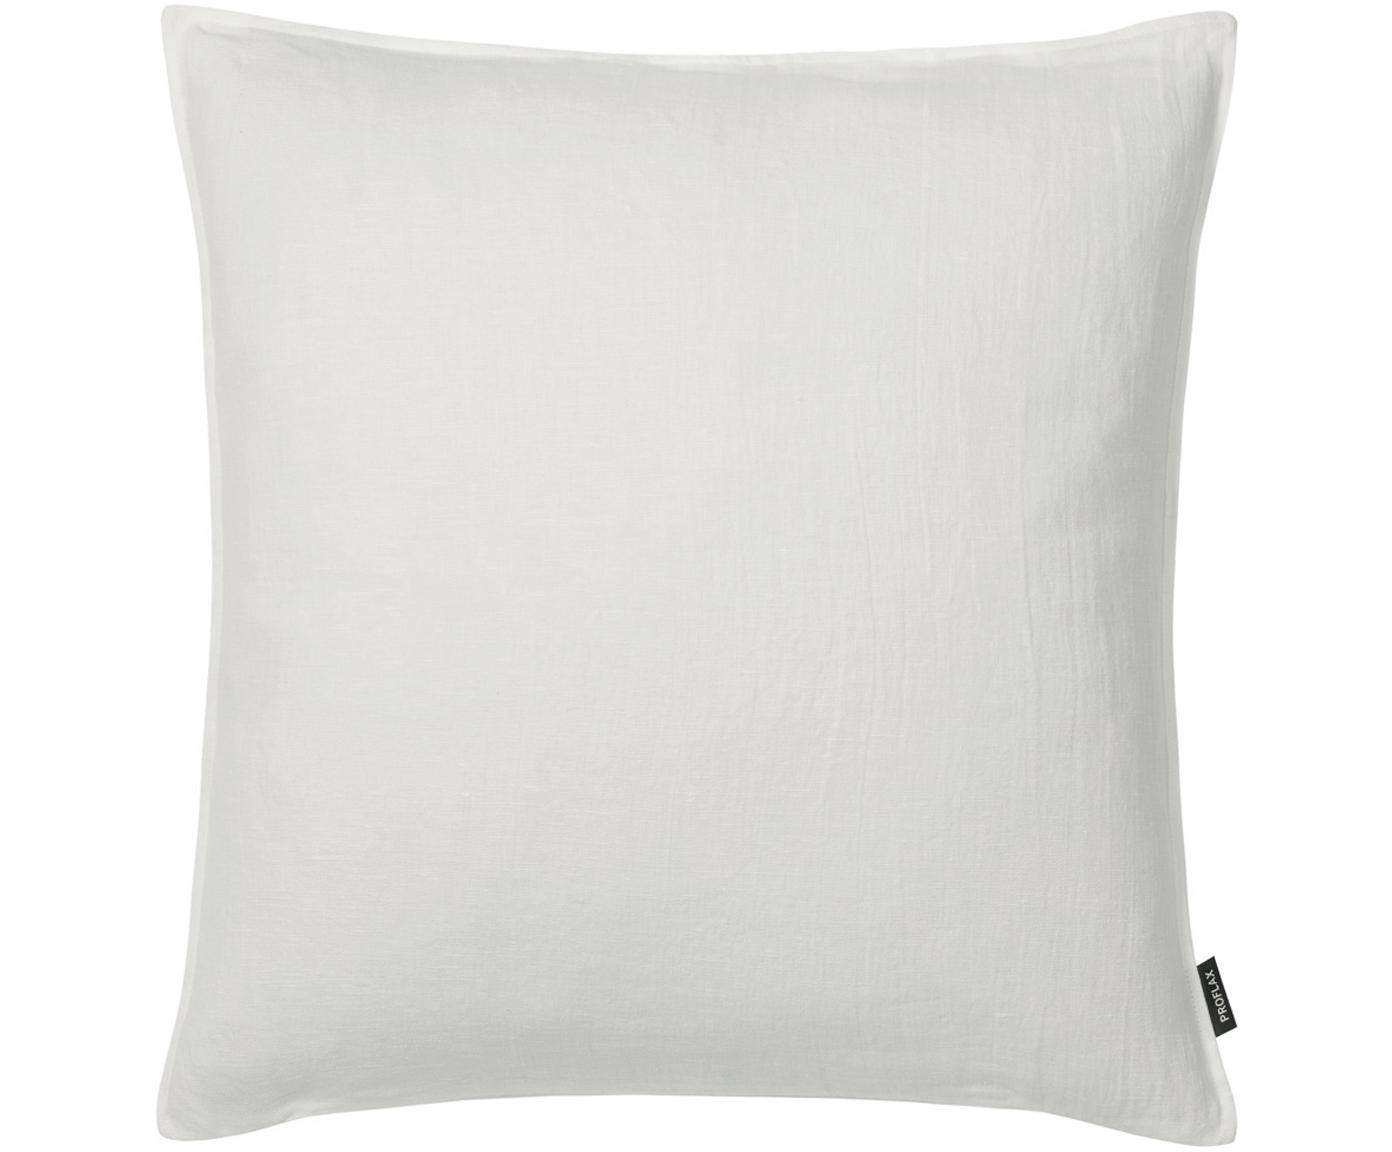 Gewaschene Leinen-Kissenhülle Sven in Offwhite, 100% Leinen, Gebrochenes Weiß, 40 x 40 cm